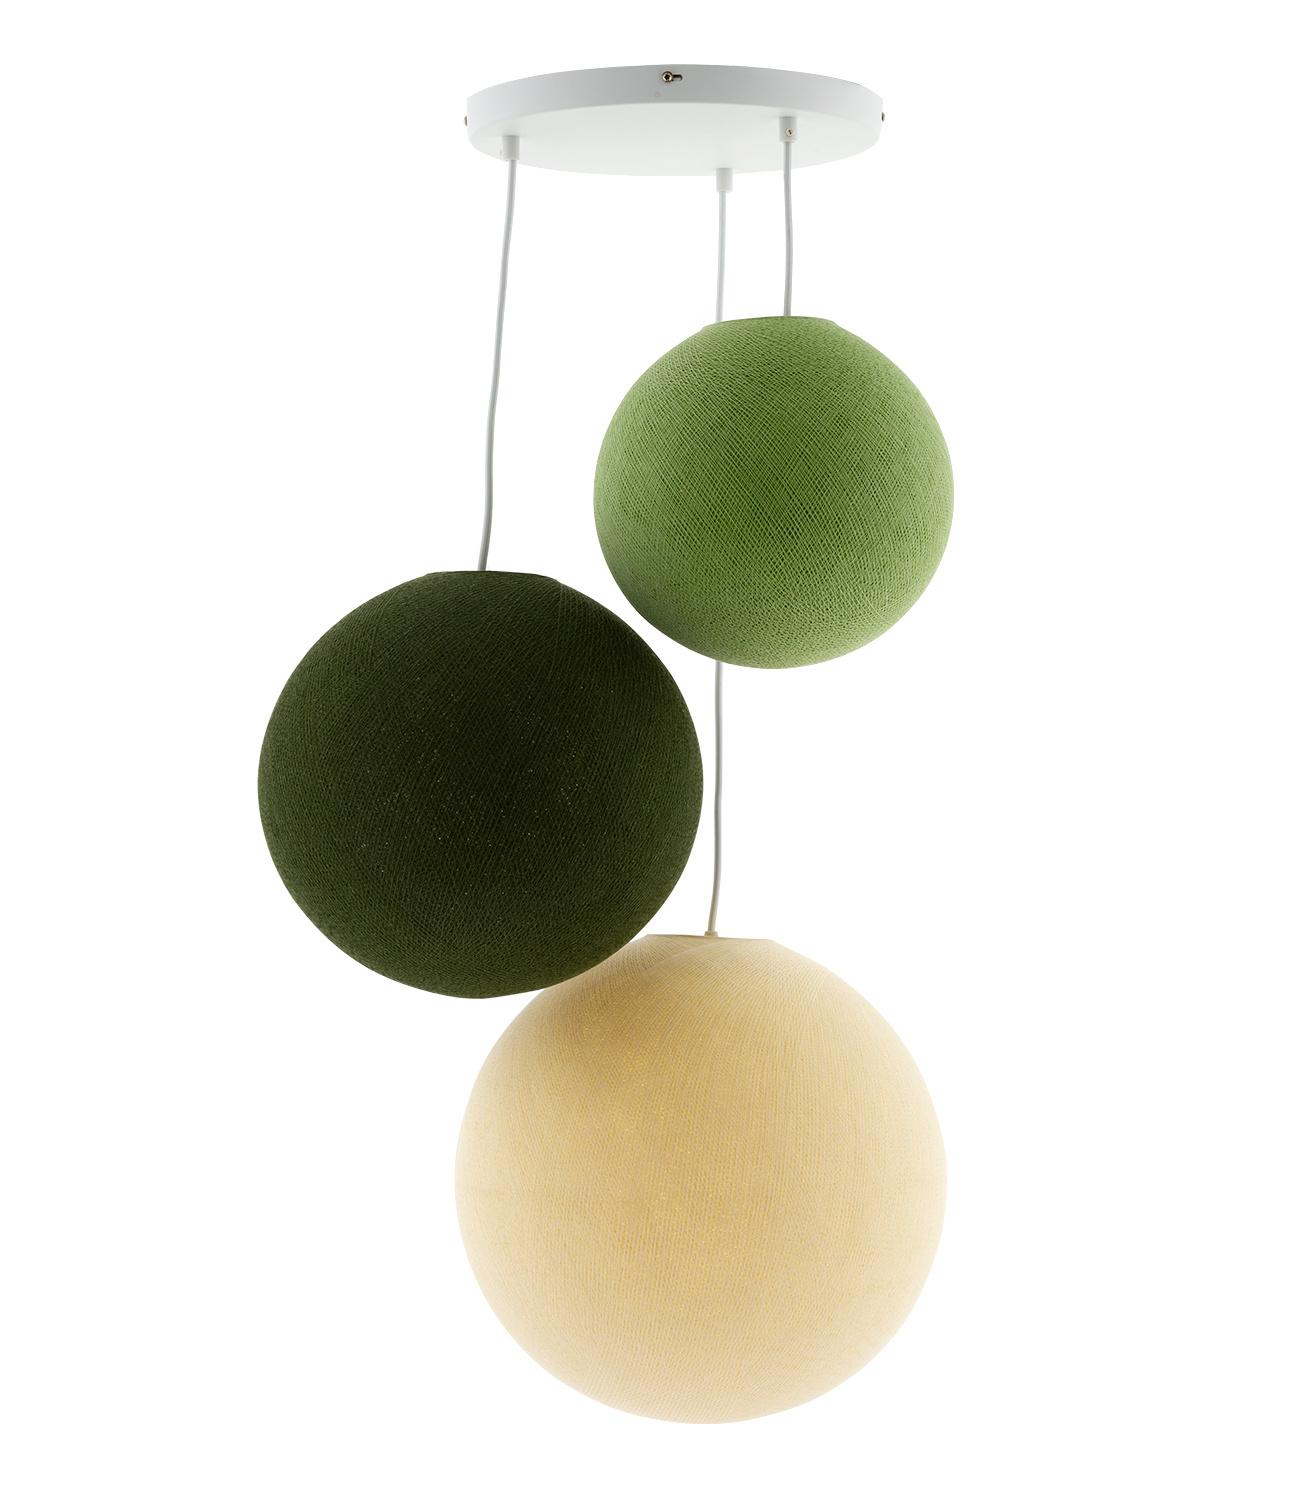 Cotton Ball Lights drievoudige hanglamp 3 punt - Jungle Greens